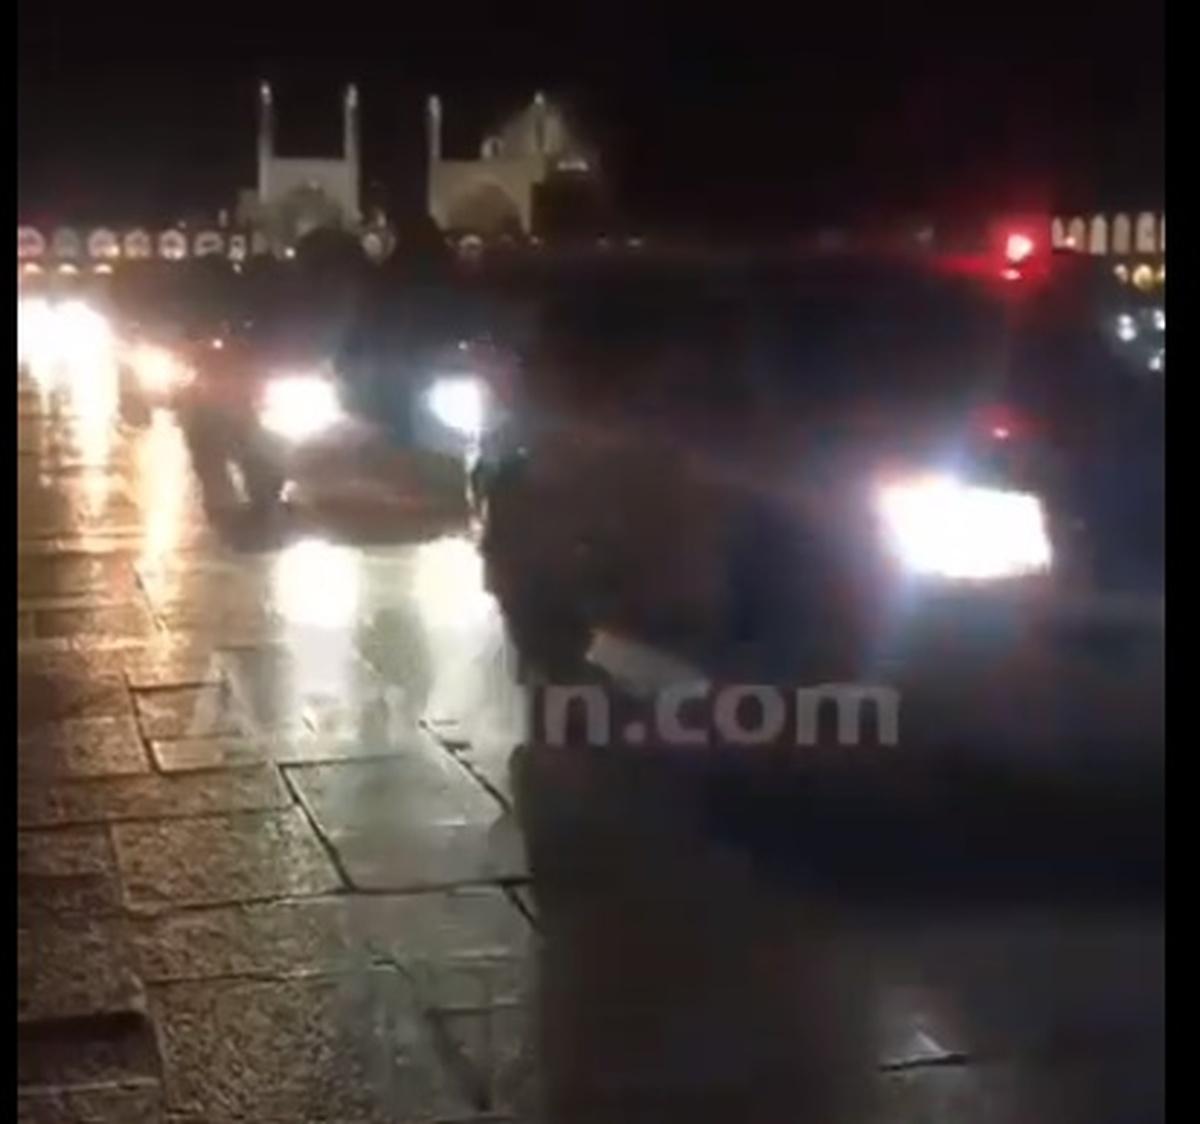 ویدیو: ورود مسوولین با خودرو به میدان نقش جهان اصفهان